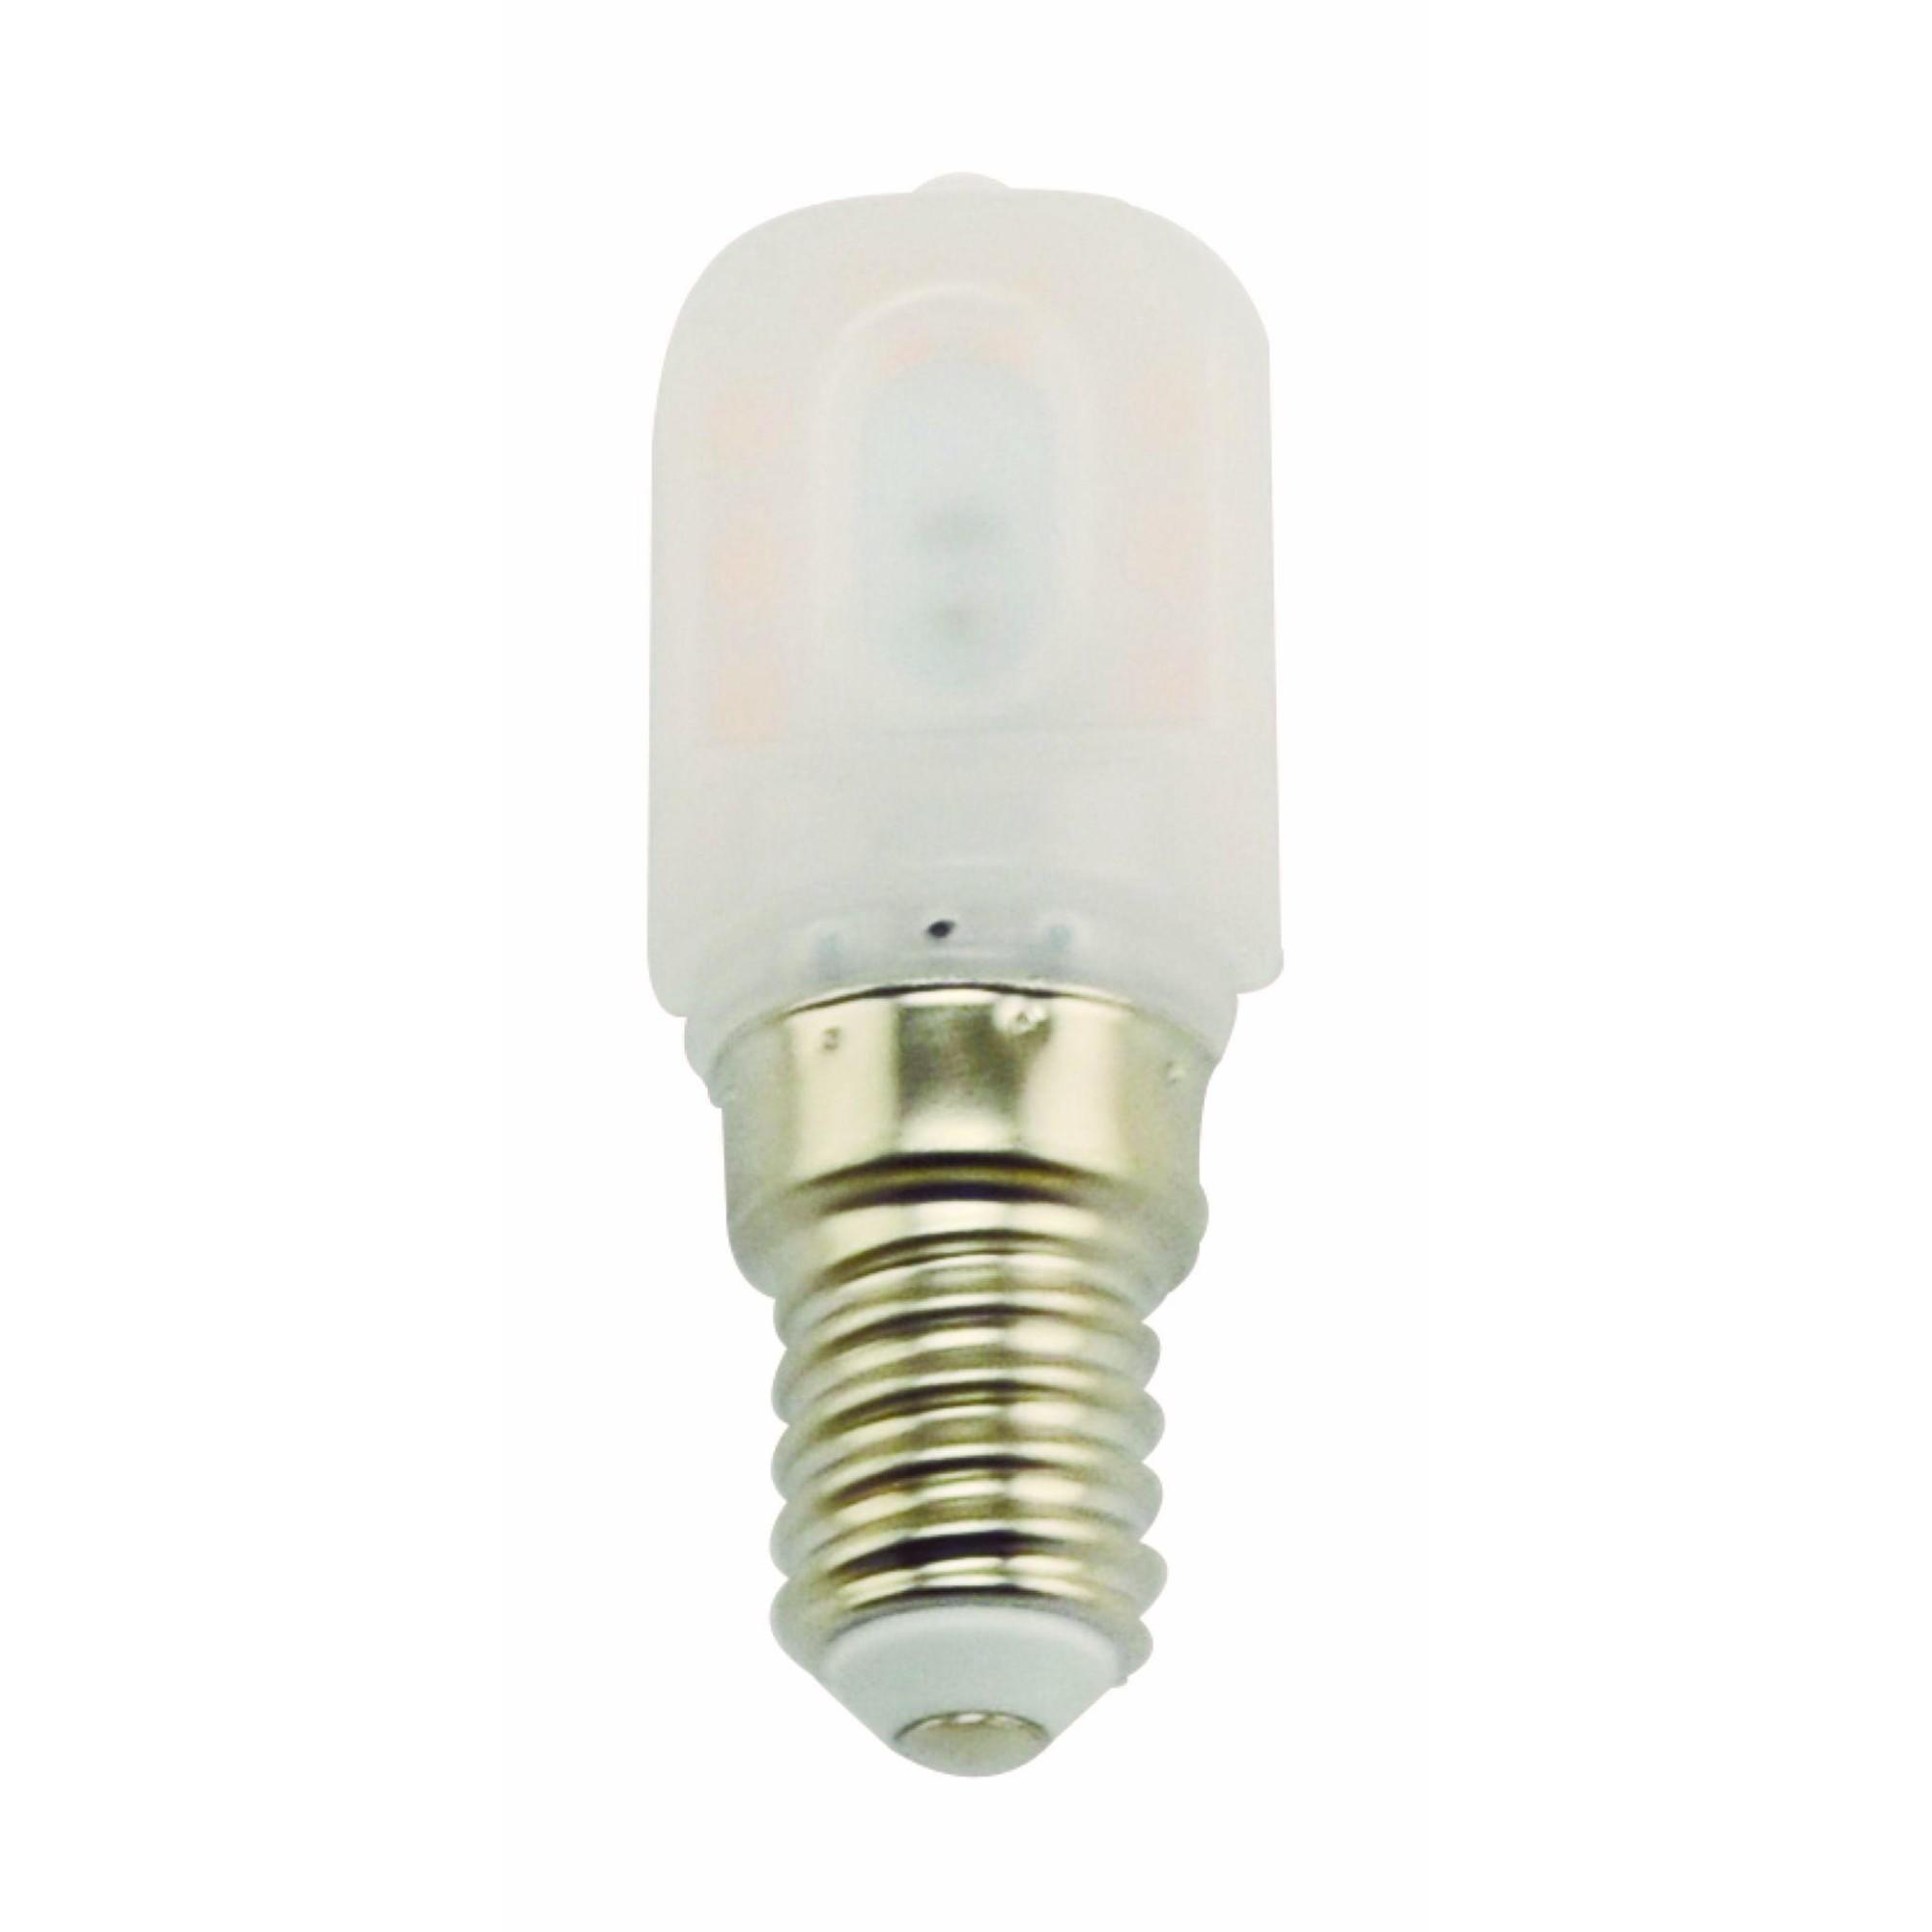 Лампа Ecola стандарт светодионая E14 3 Вт 240 Лм нейтральный свет